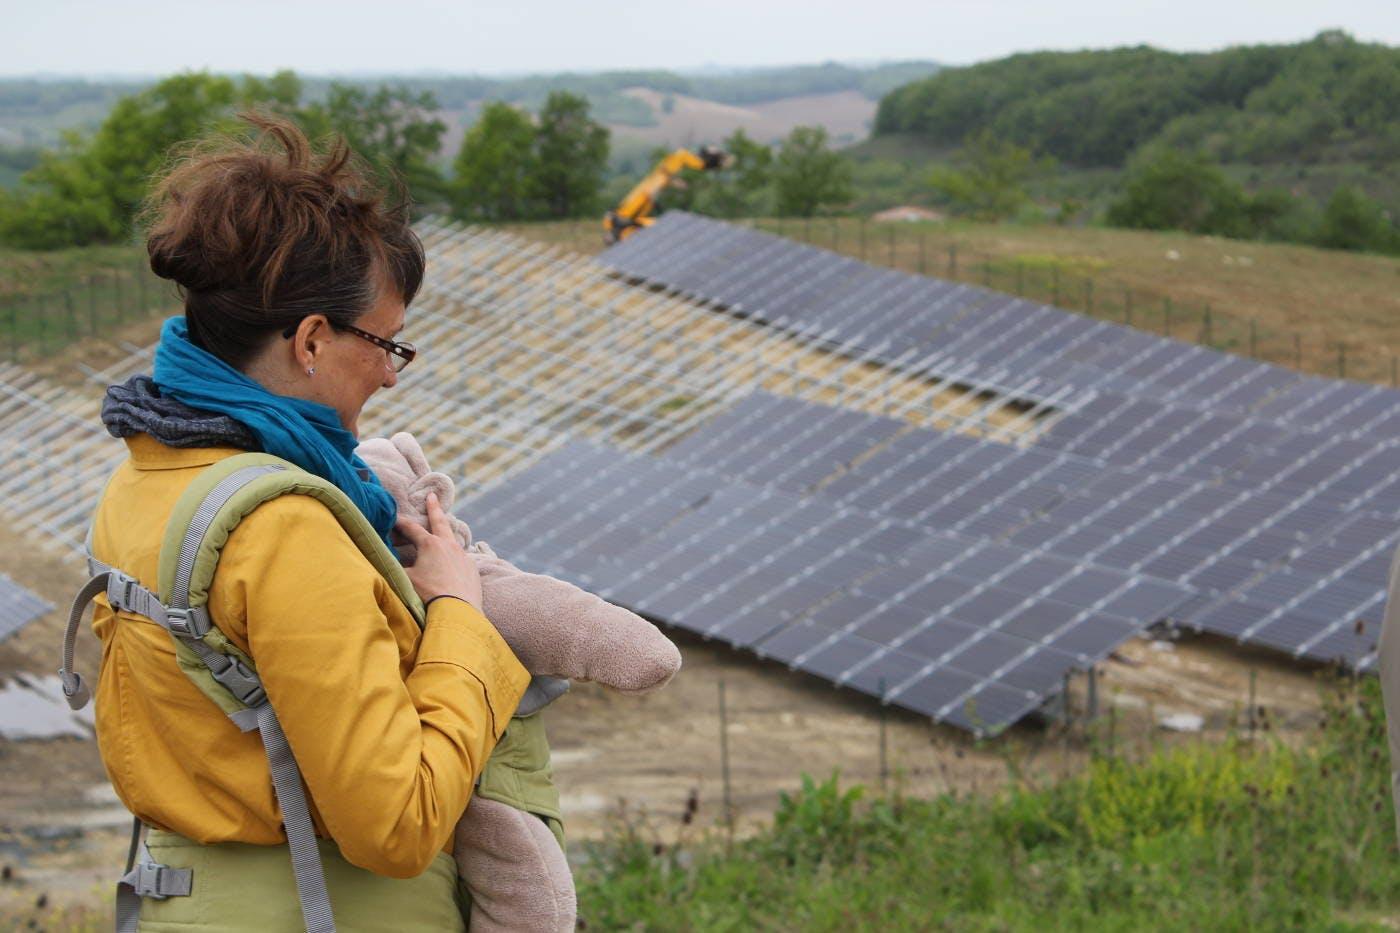 Femme portant un bébé devant un parc solaire d'Enercoop Midi-Pyrénées en construction